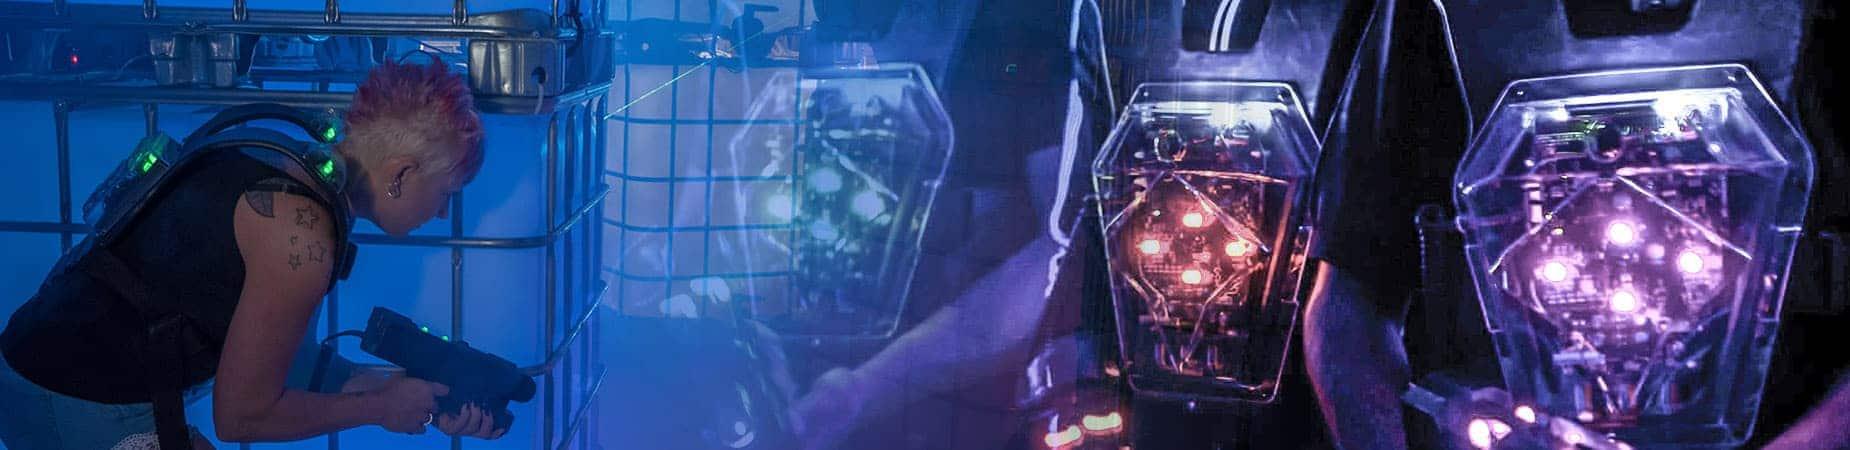 lasertag mühlheim